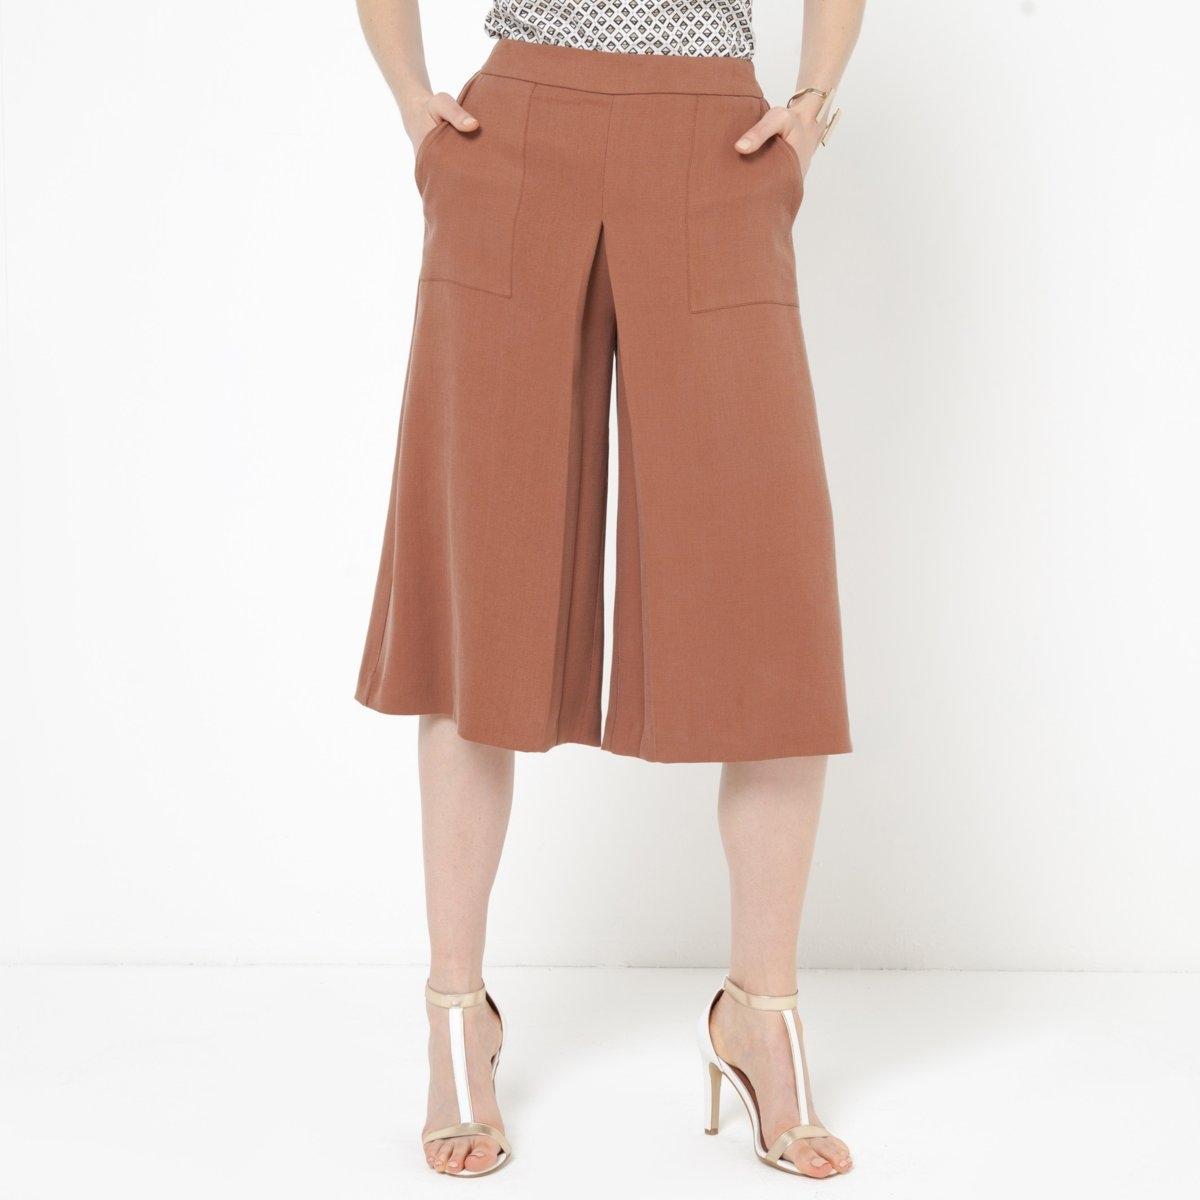 Юбка-брюкиЮбка-брюки из струящегося материала, 100% лиосела®. Застежка на скрытую молнию сзади. Косые карманы. Длина по внутр.шву 40 см. Ширина по низу 38 см.<br><br>Цвет: коньячный<br>Размер: 34 (FR) - 40 (RUS)